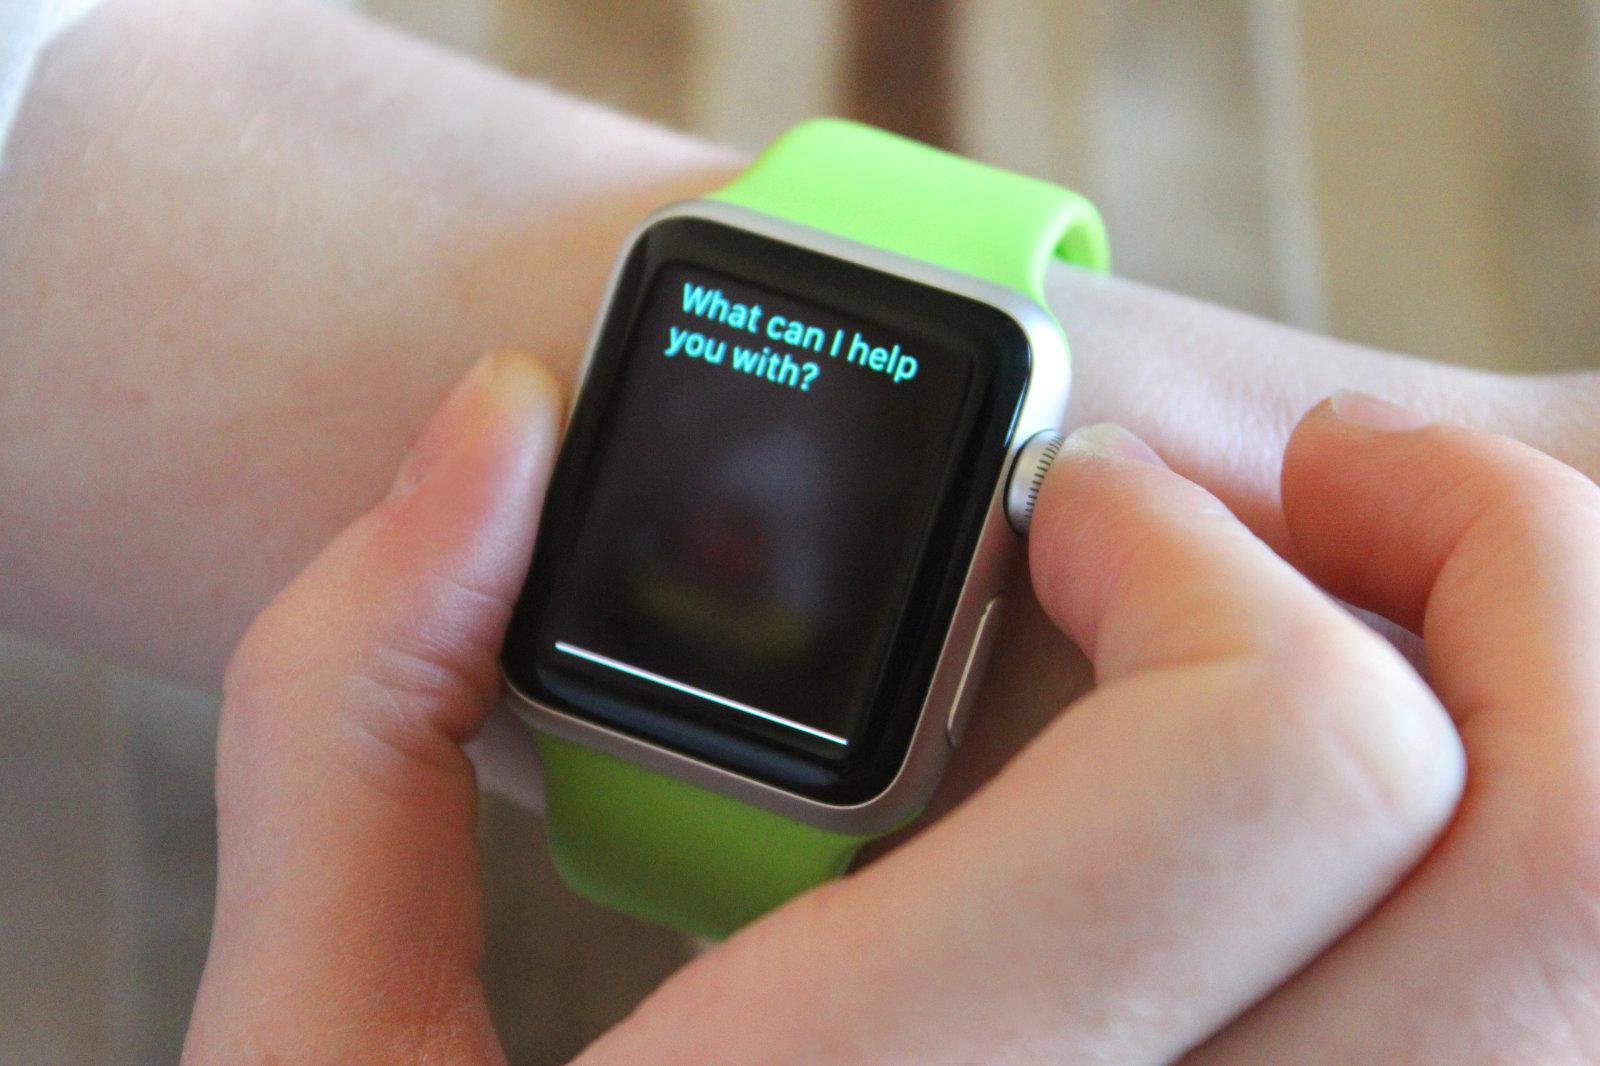 Apple a jeho dodavatelé mají přístup k nahrávkám Siri